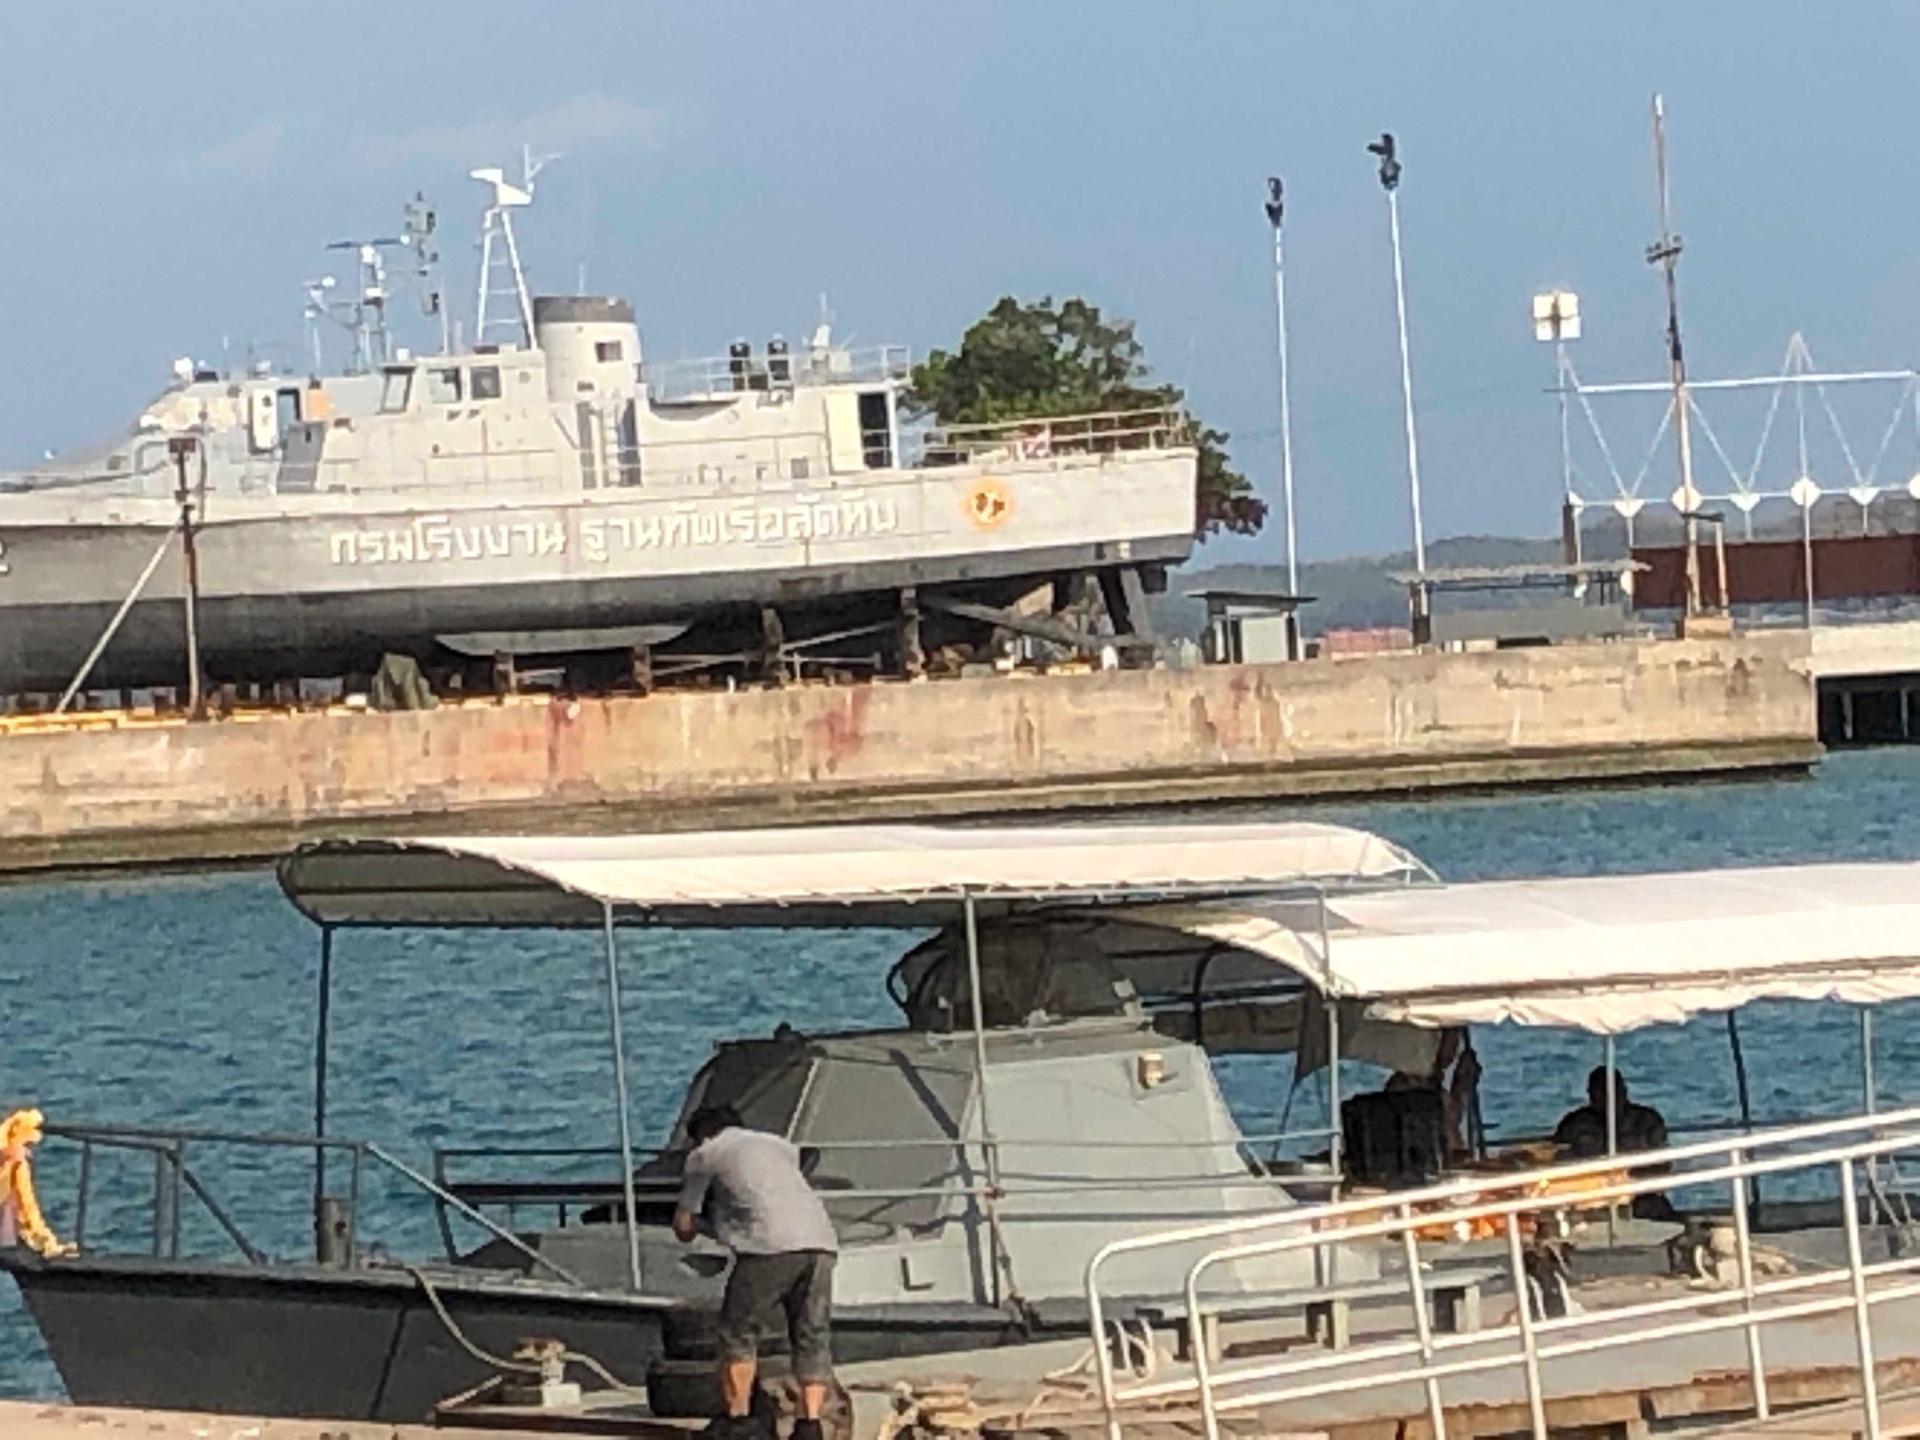 ฐานทัพเรือสัตหีบ